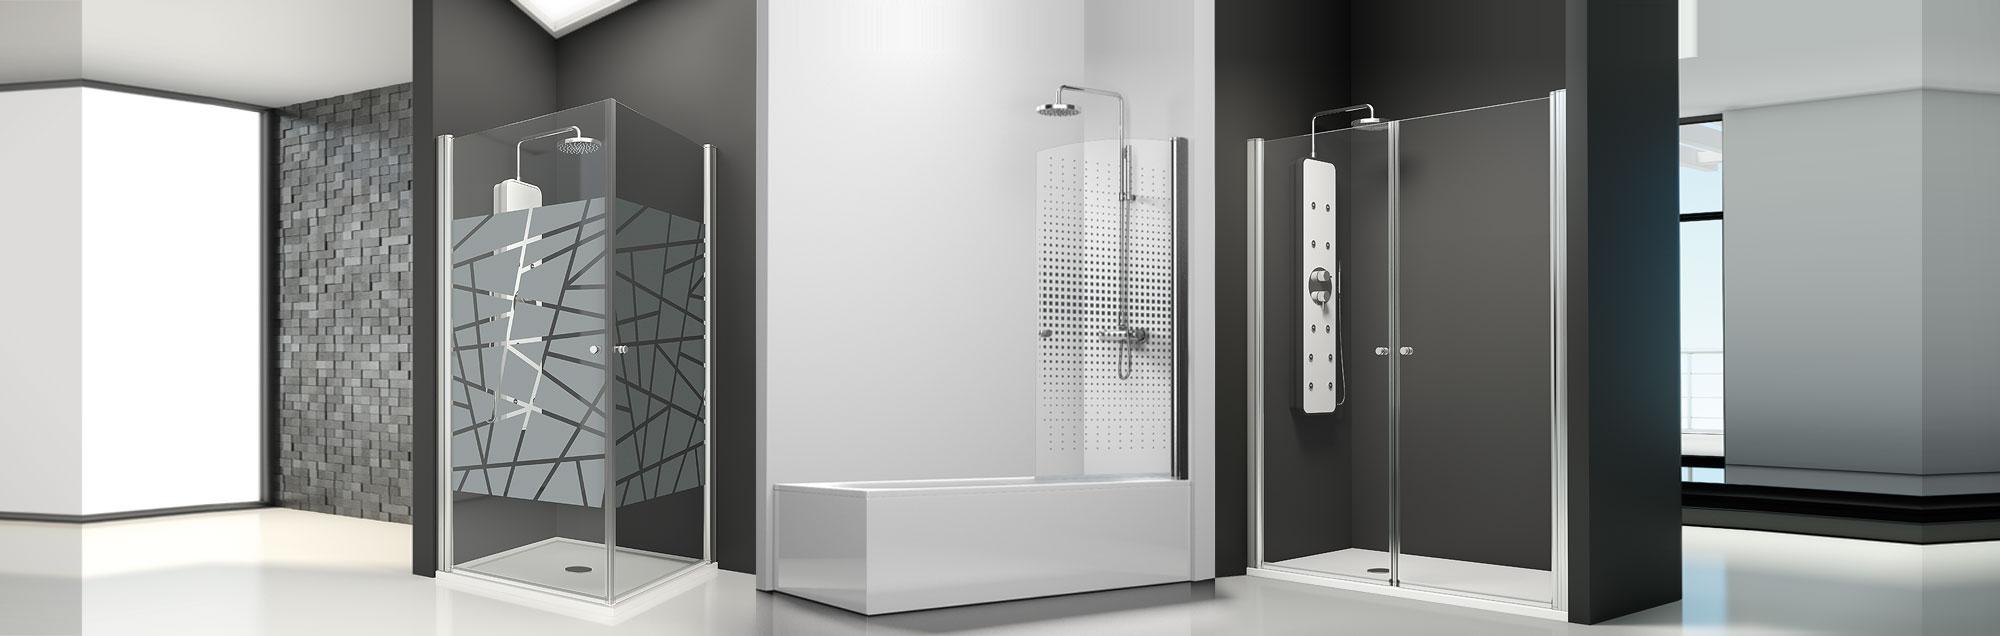 Serie Arcoíris de mamparas abatibles de baño a medida